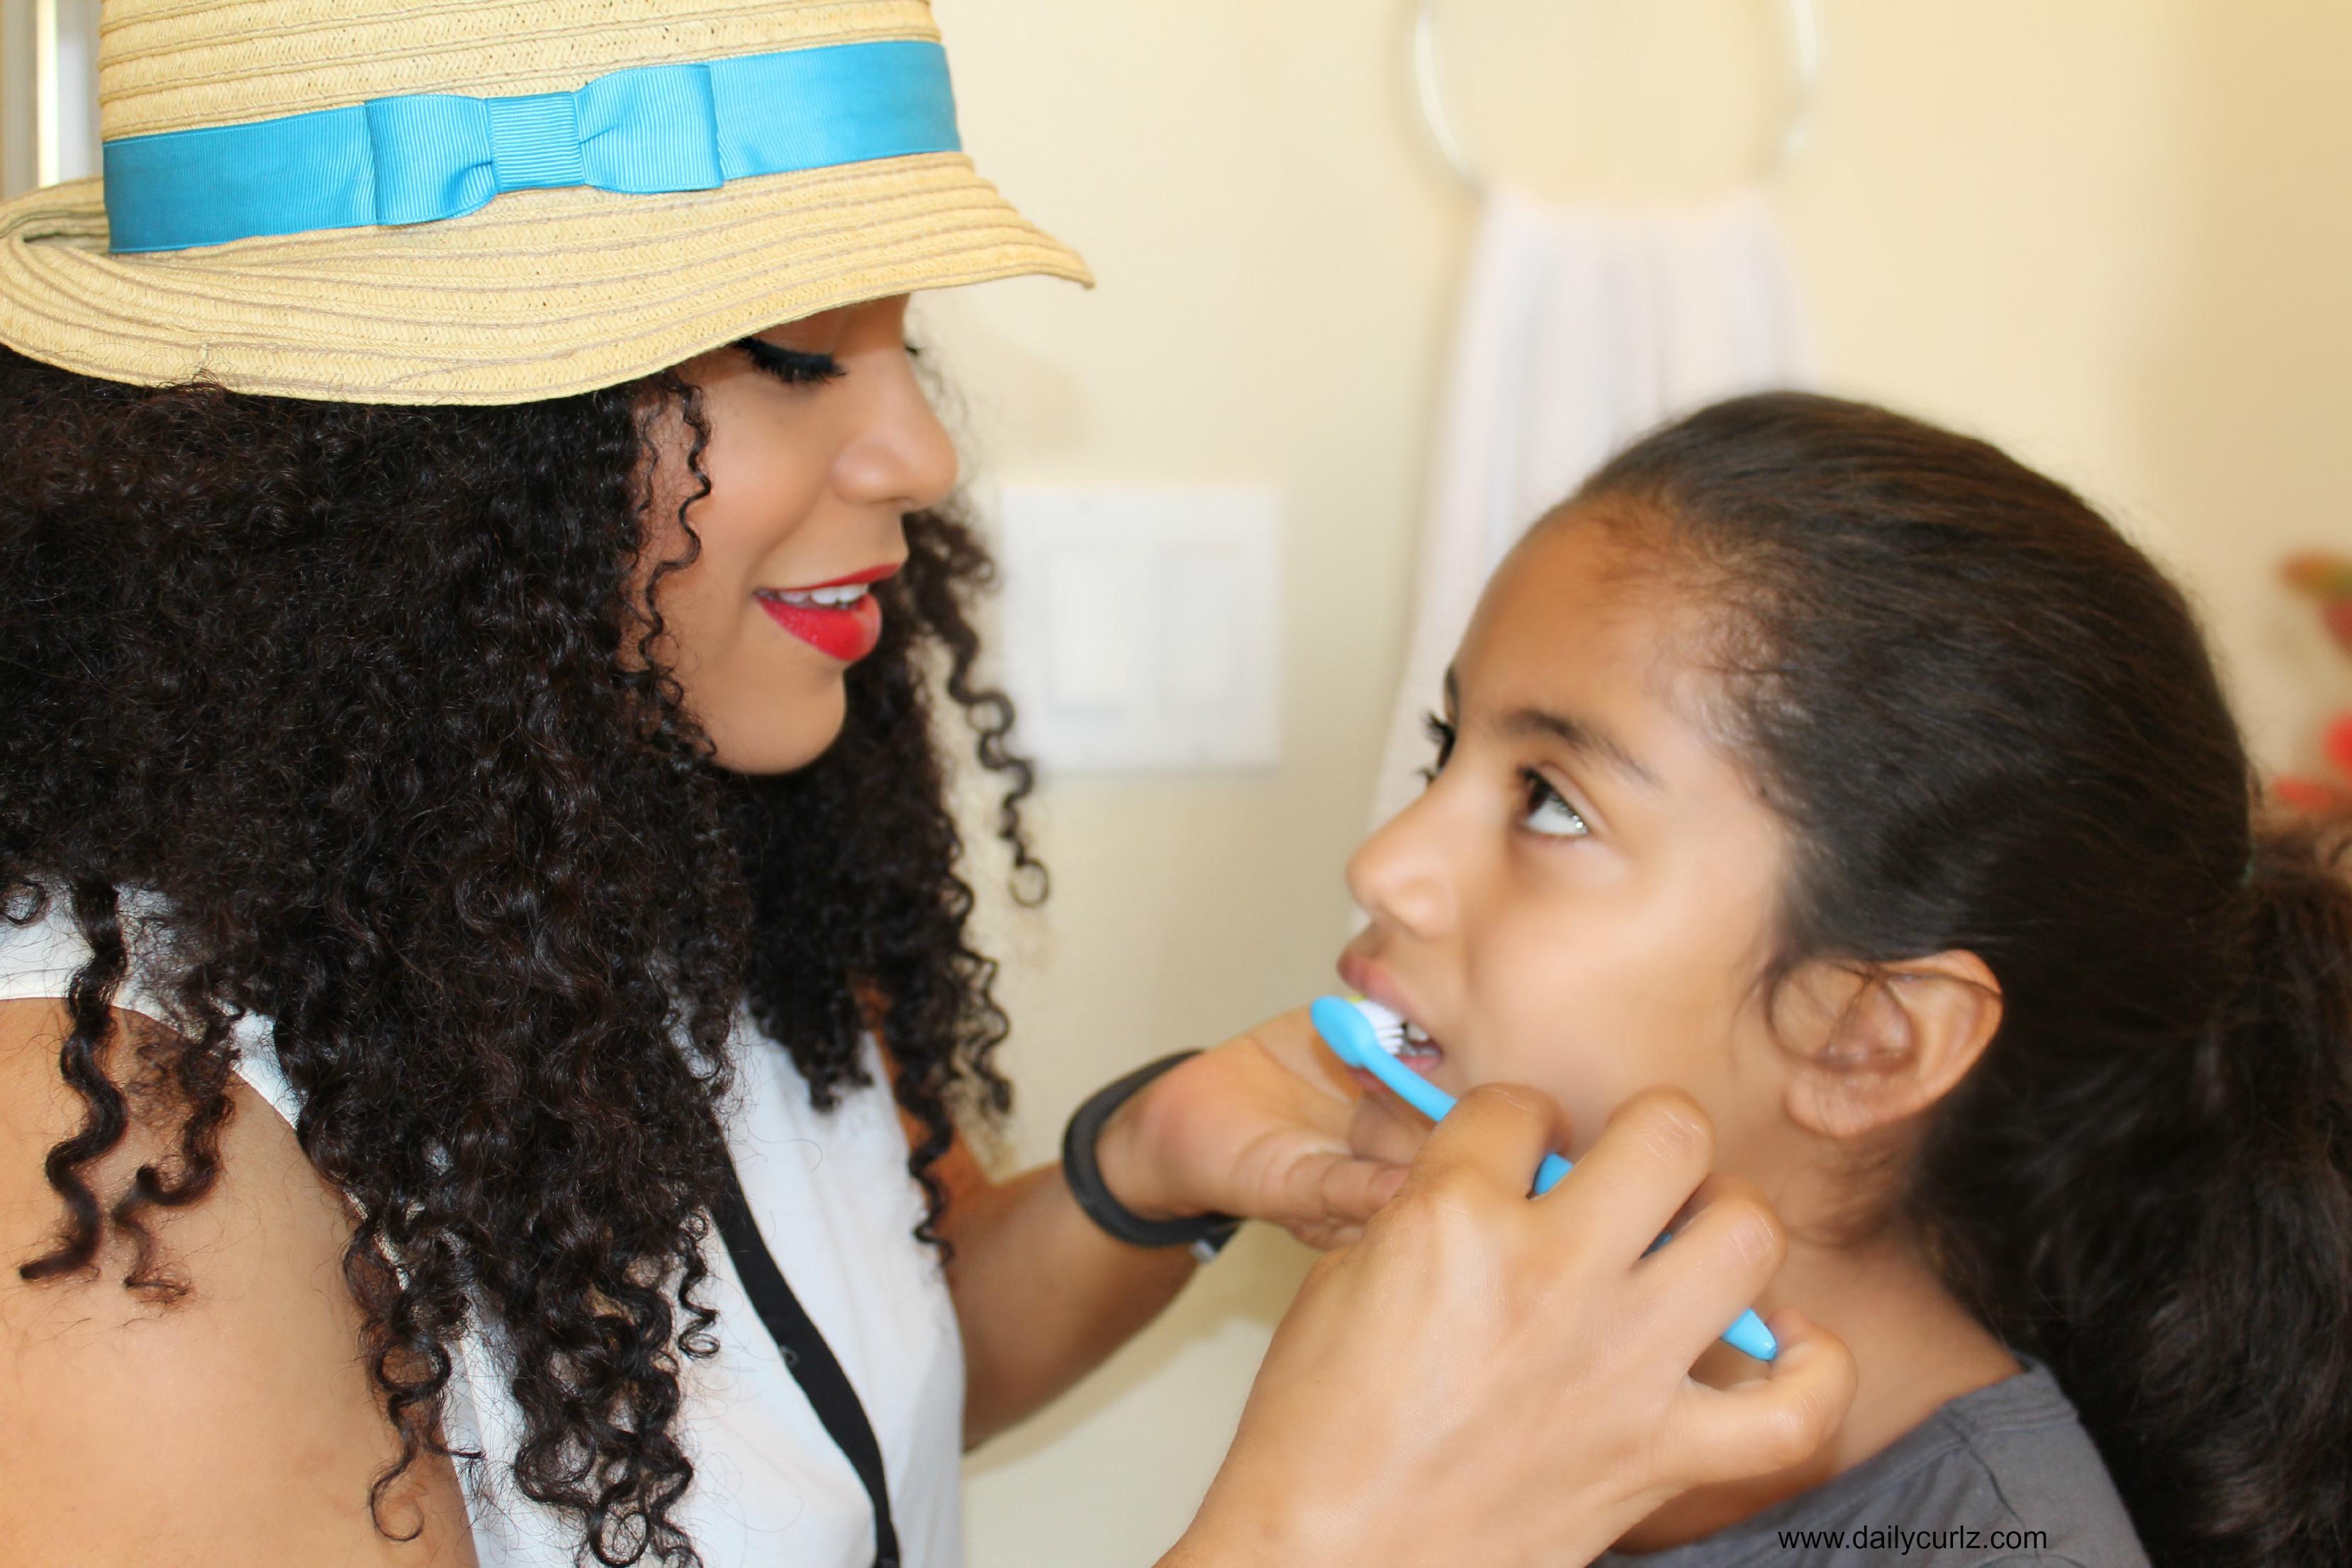 Bad Dental care linked to Hair loss / Relacion de la salud bucal y la perdida del cabello